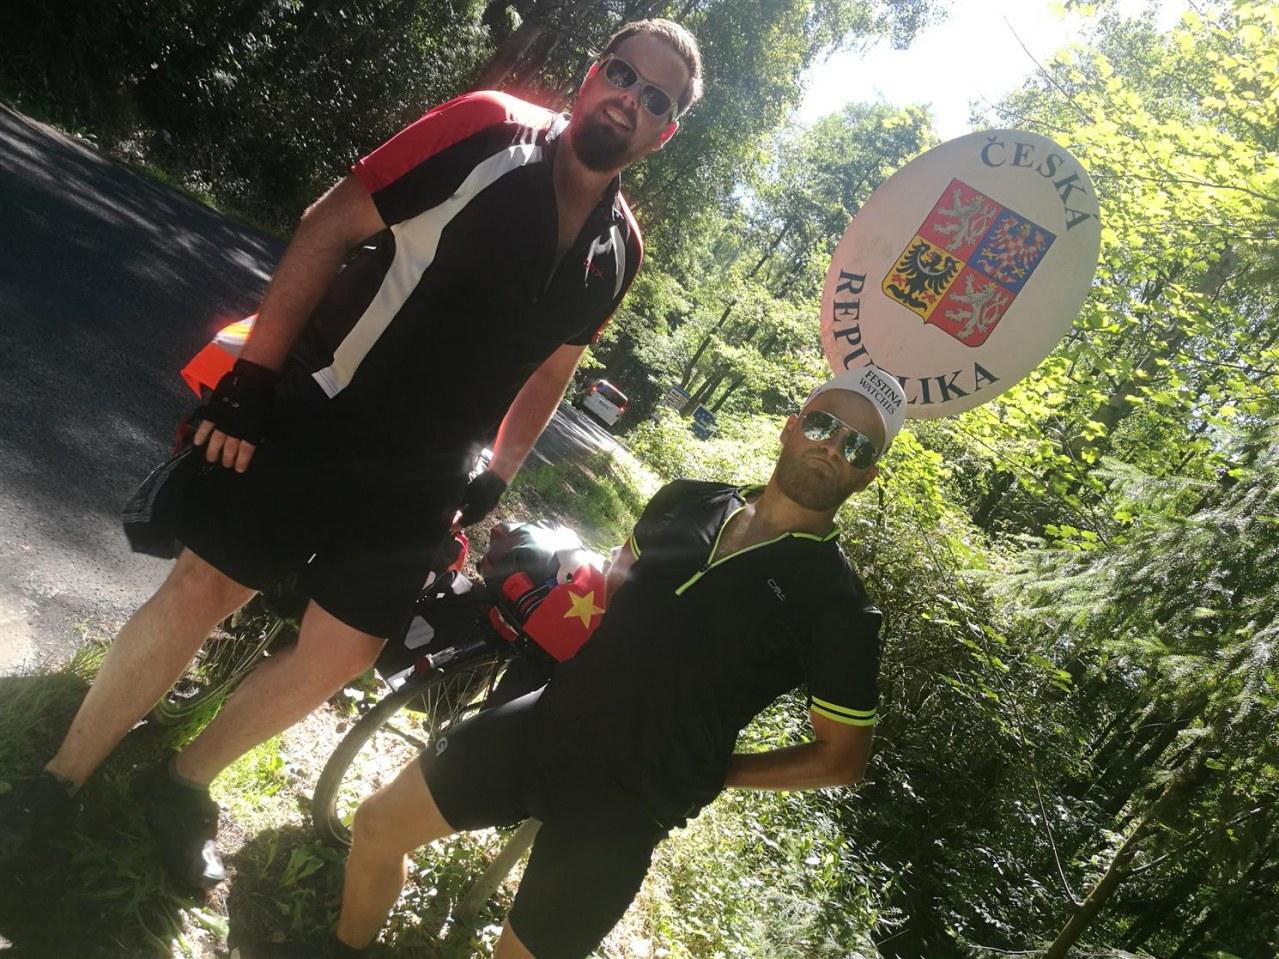 Verplant - Wie zwei Typen versuchen, mit dem Rad nach Vietnam zu fahren - Bild 6